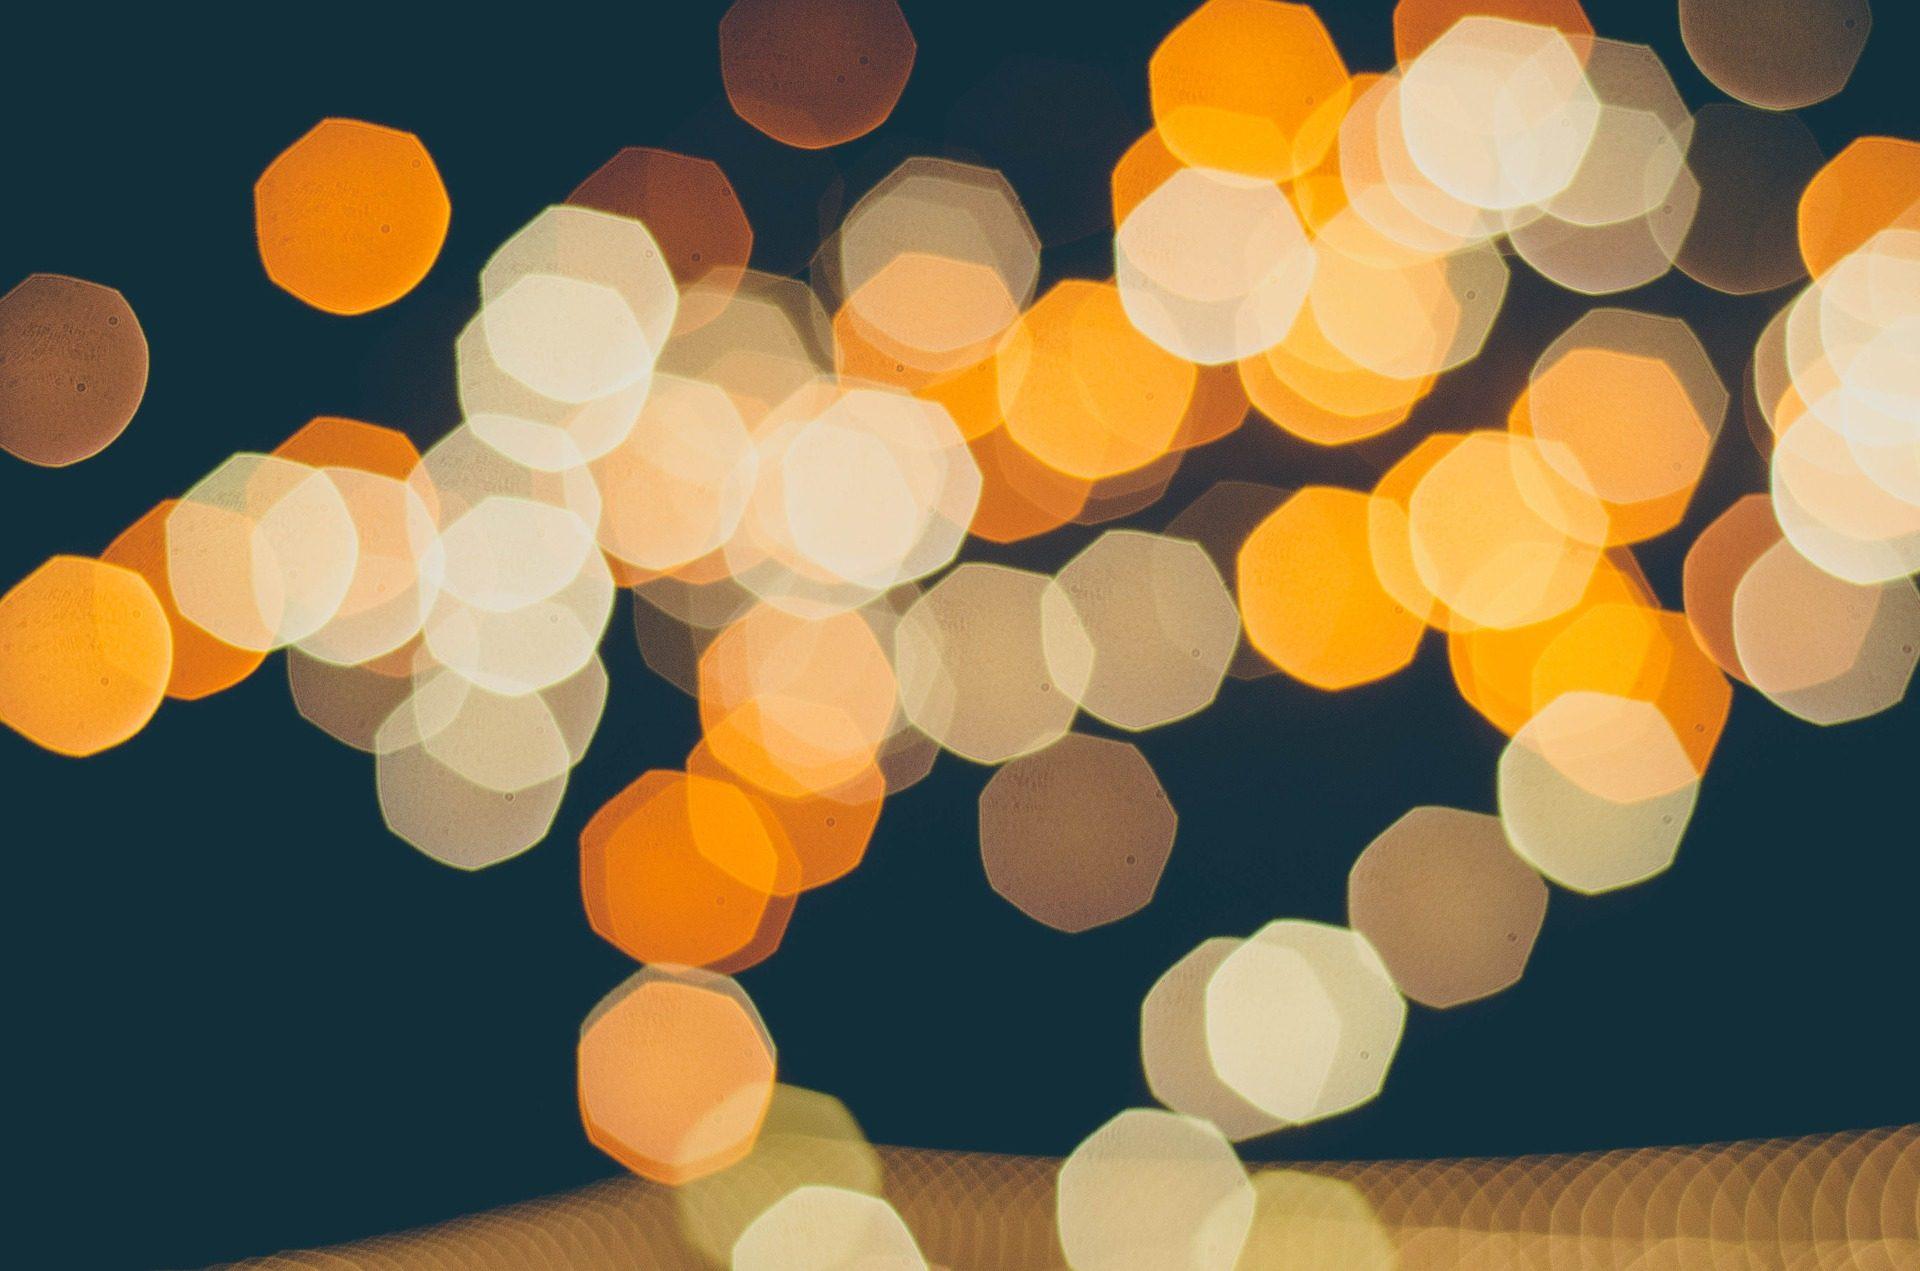 luces, halos, noche, bokeh, desenfoque, ciudad - Fondos de Pantalla HD - professor-falken.com